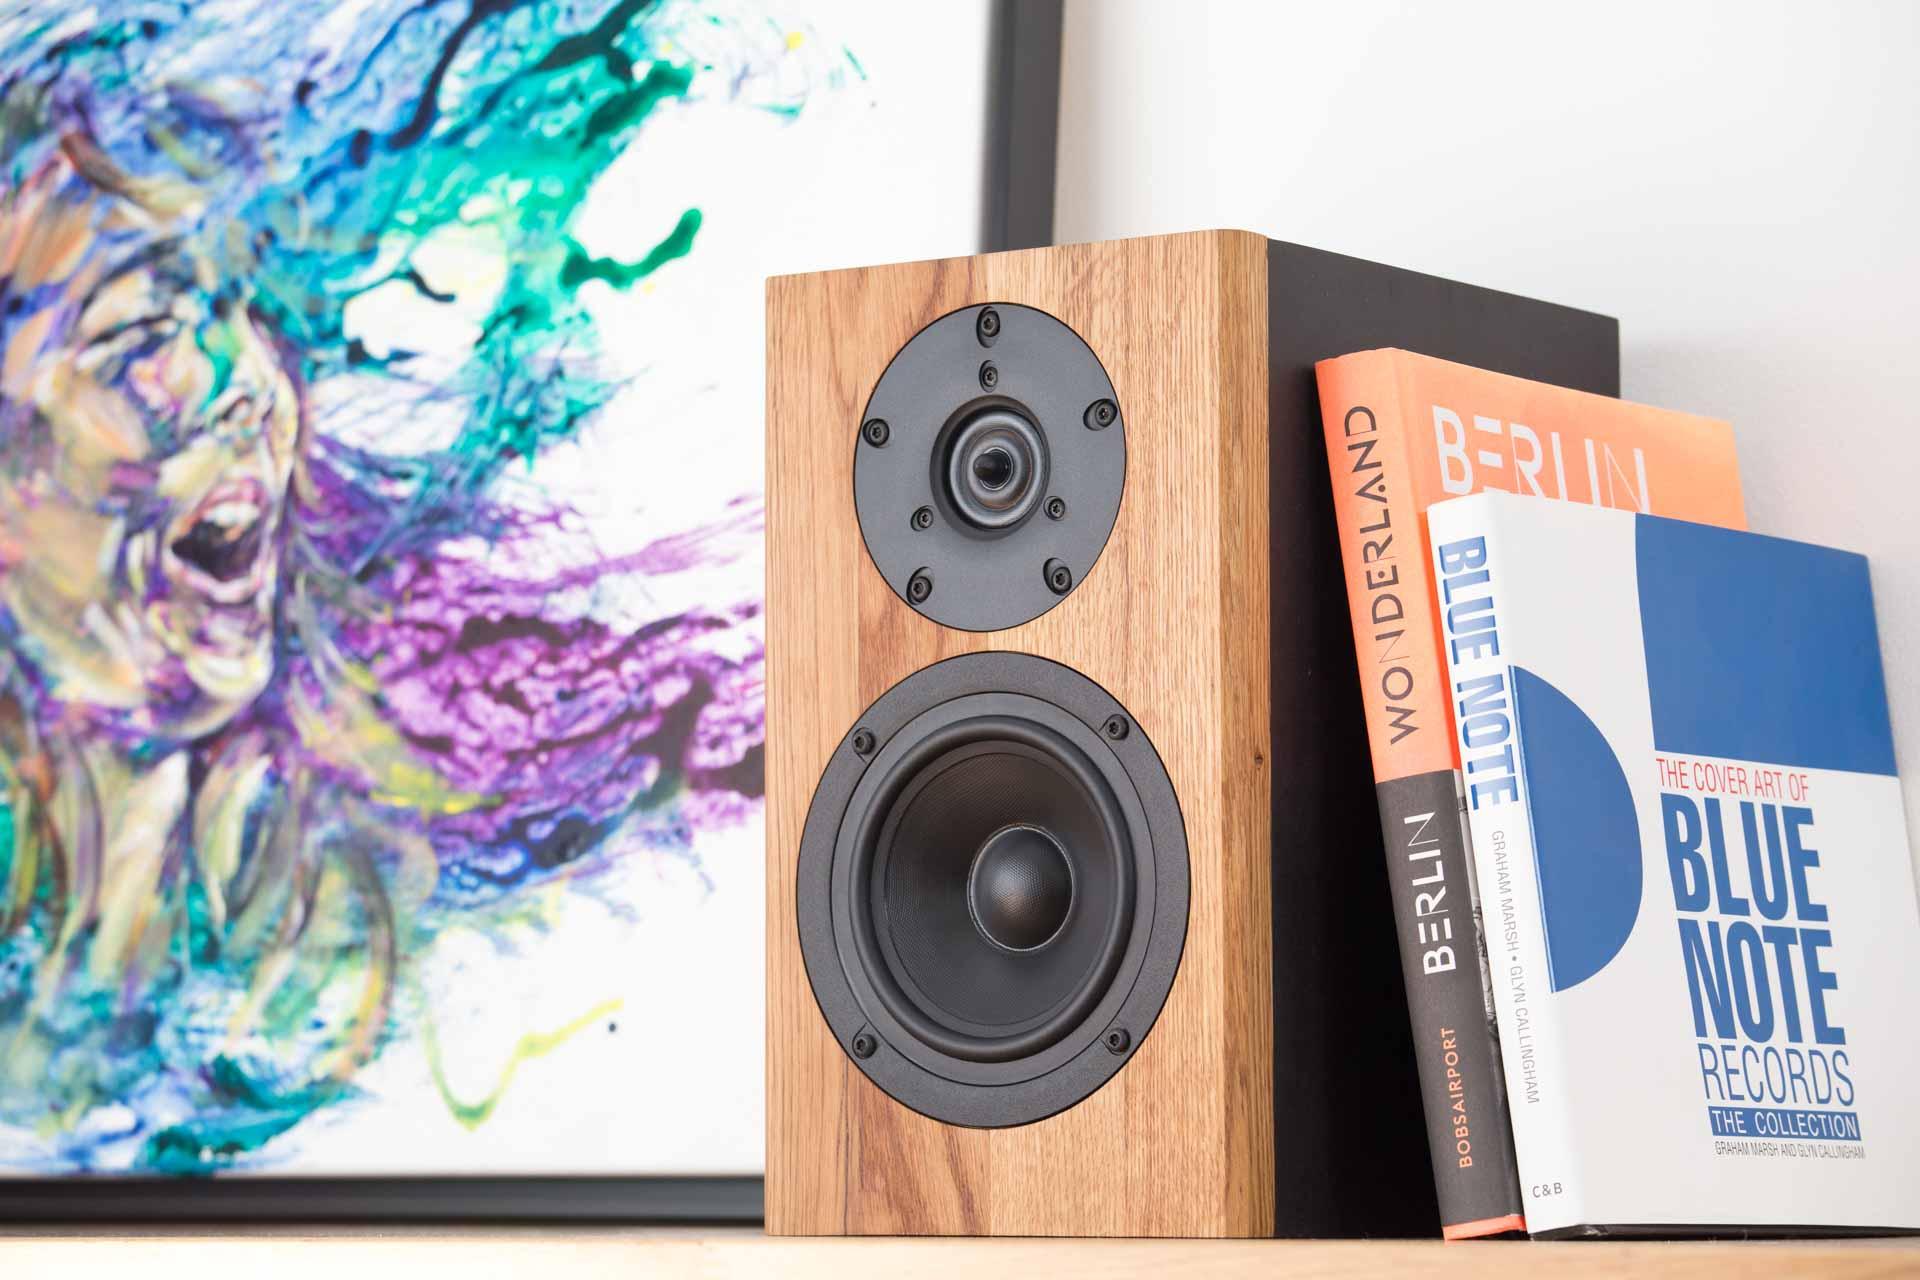 Vitru_Akustik_Kompaktbox_2021-2